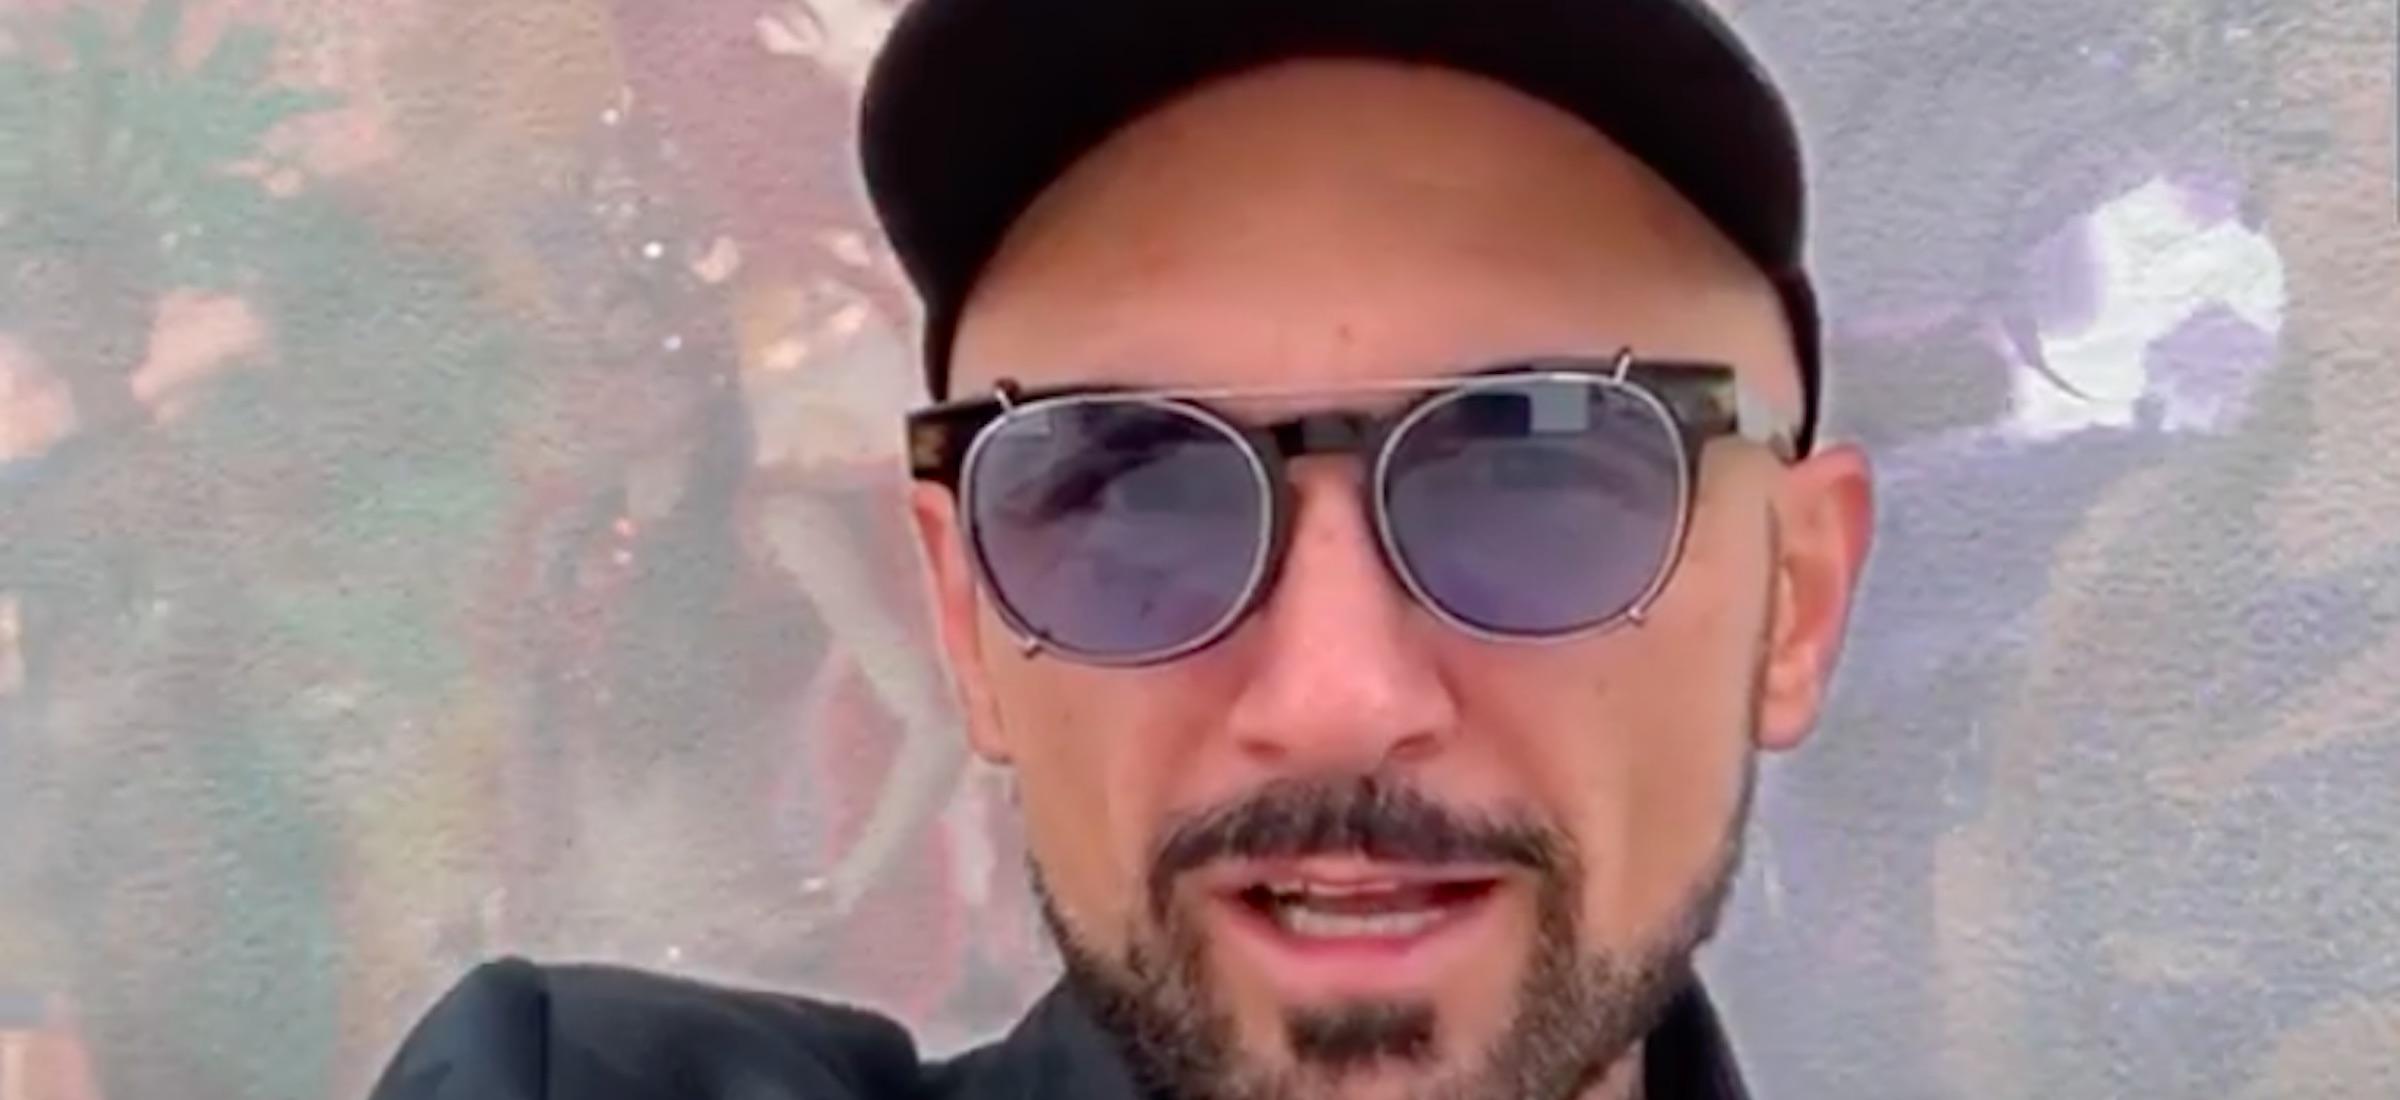 """Patryk Vega uważa, że znokautował diabła i to broni go przed krytyką. Prokuratura sprawdza prawdziwość filmu """"Oczy diabła"""""""